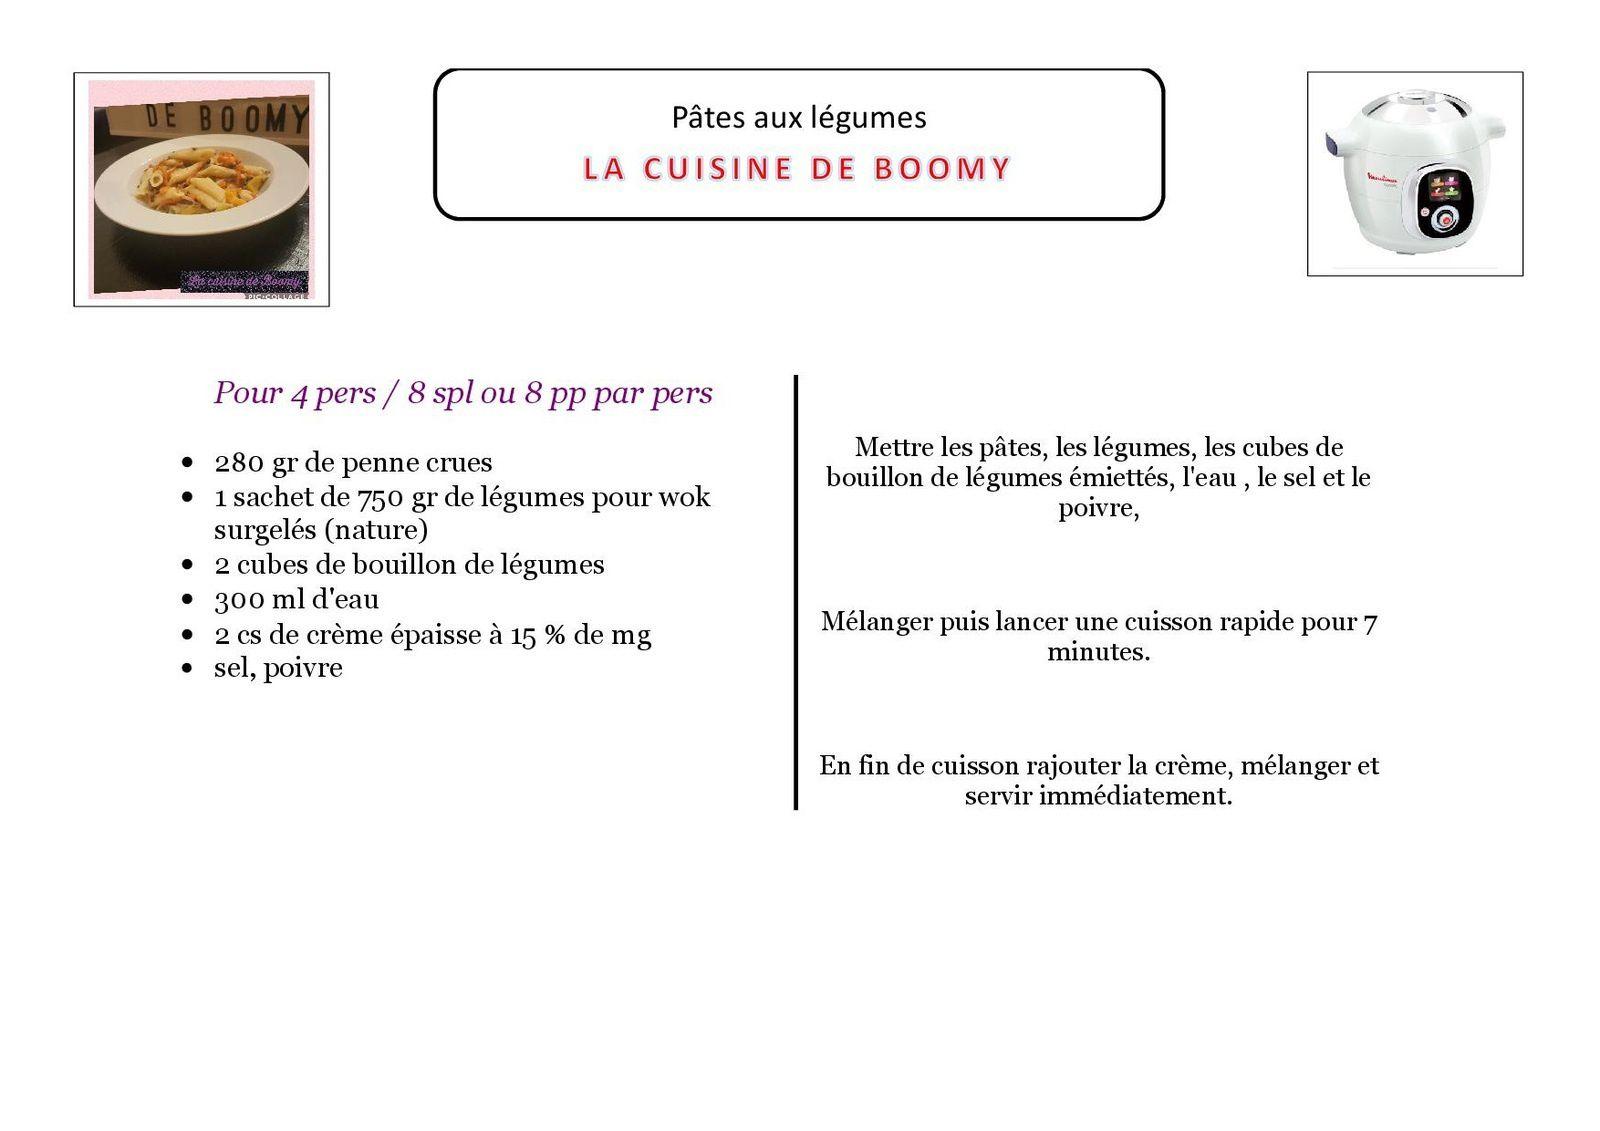 Pâtes aux légumes (Cookeo)